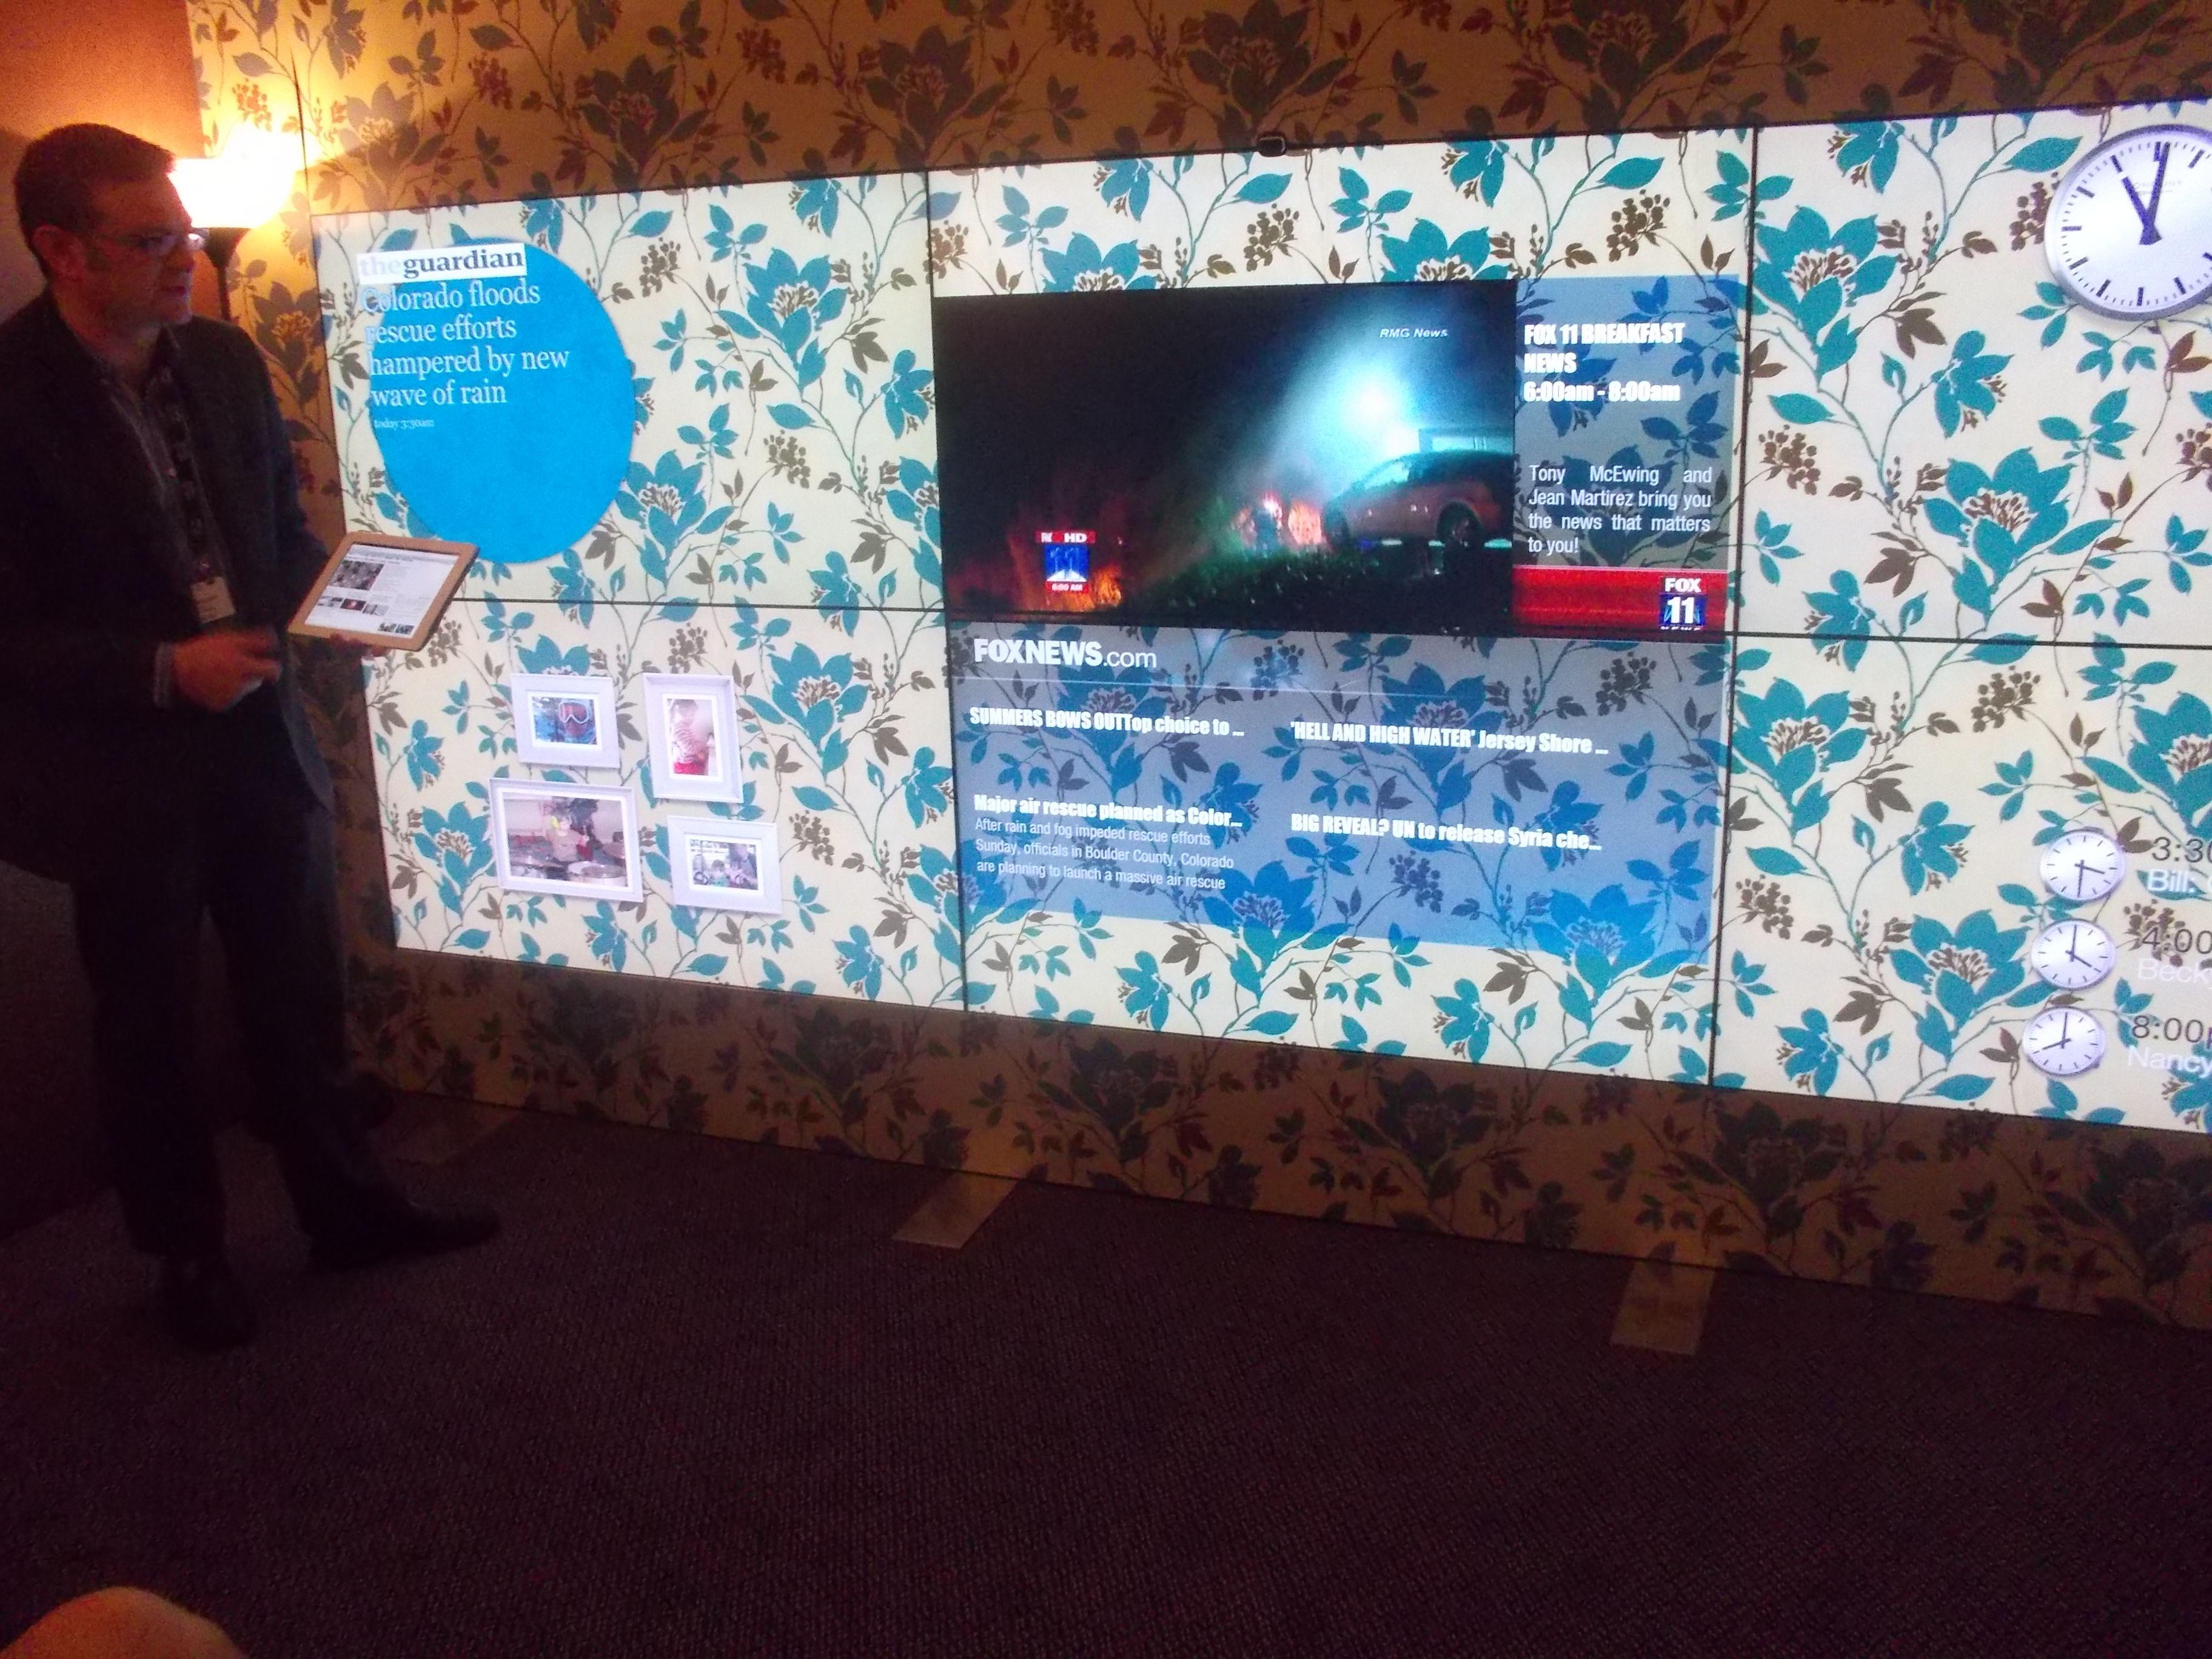 Her ser vi prototypen som Cisco viste frem under årets IBC-messe.Foto: Torkel Thoresen